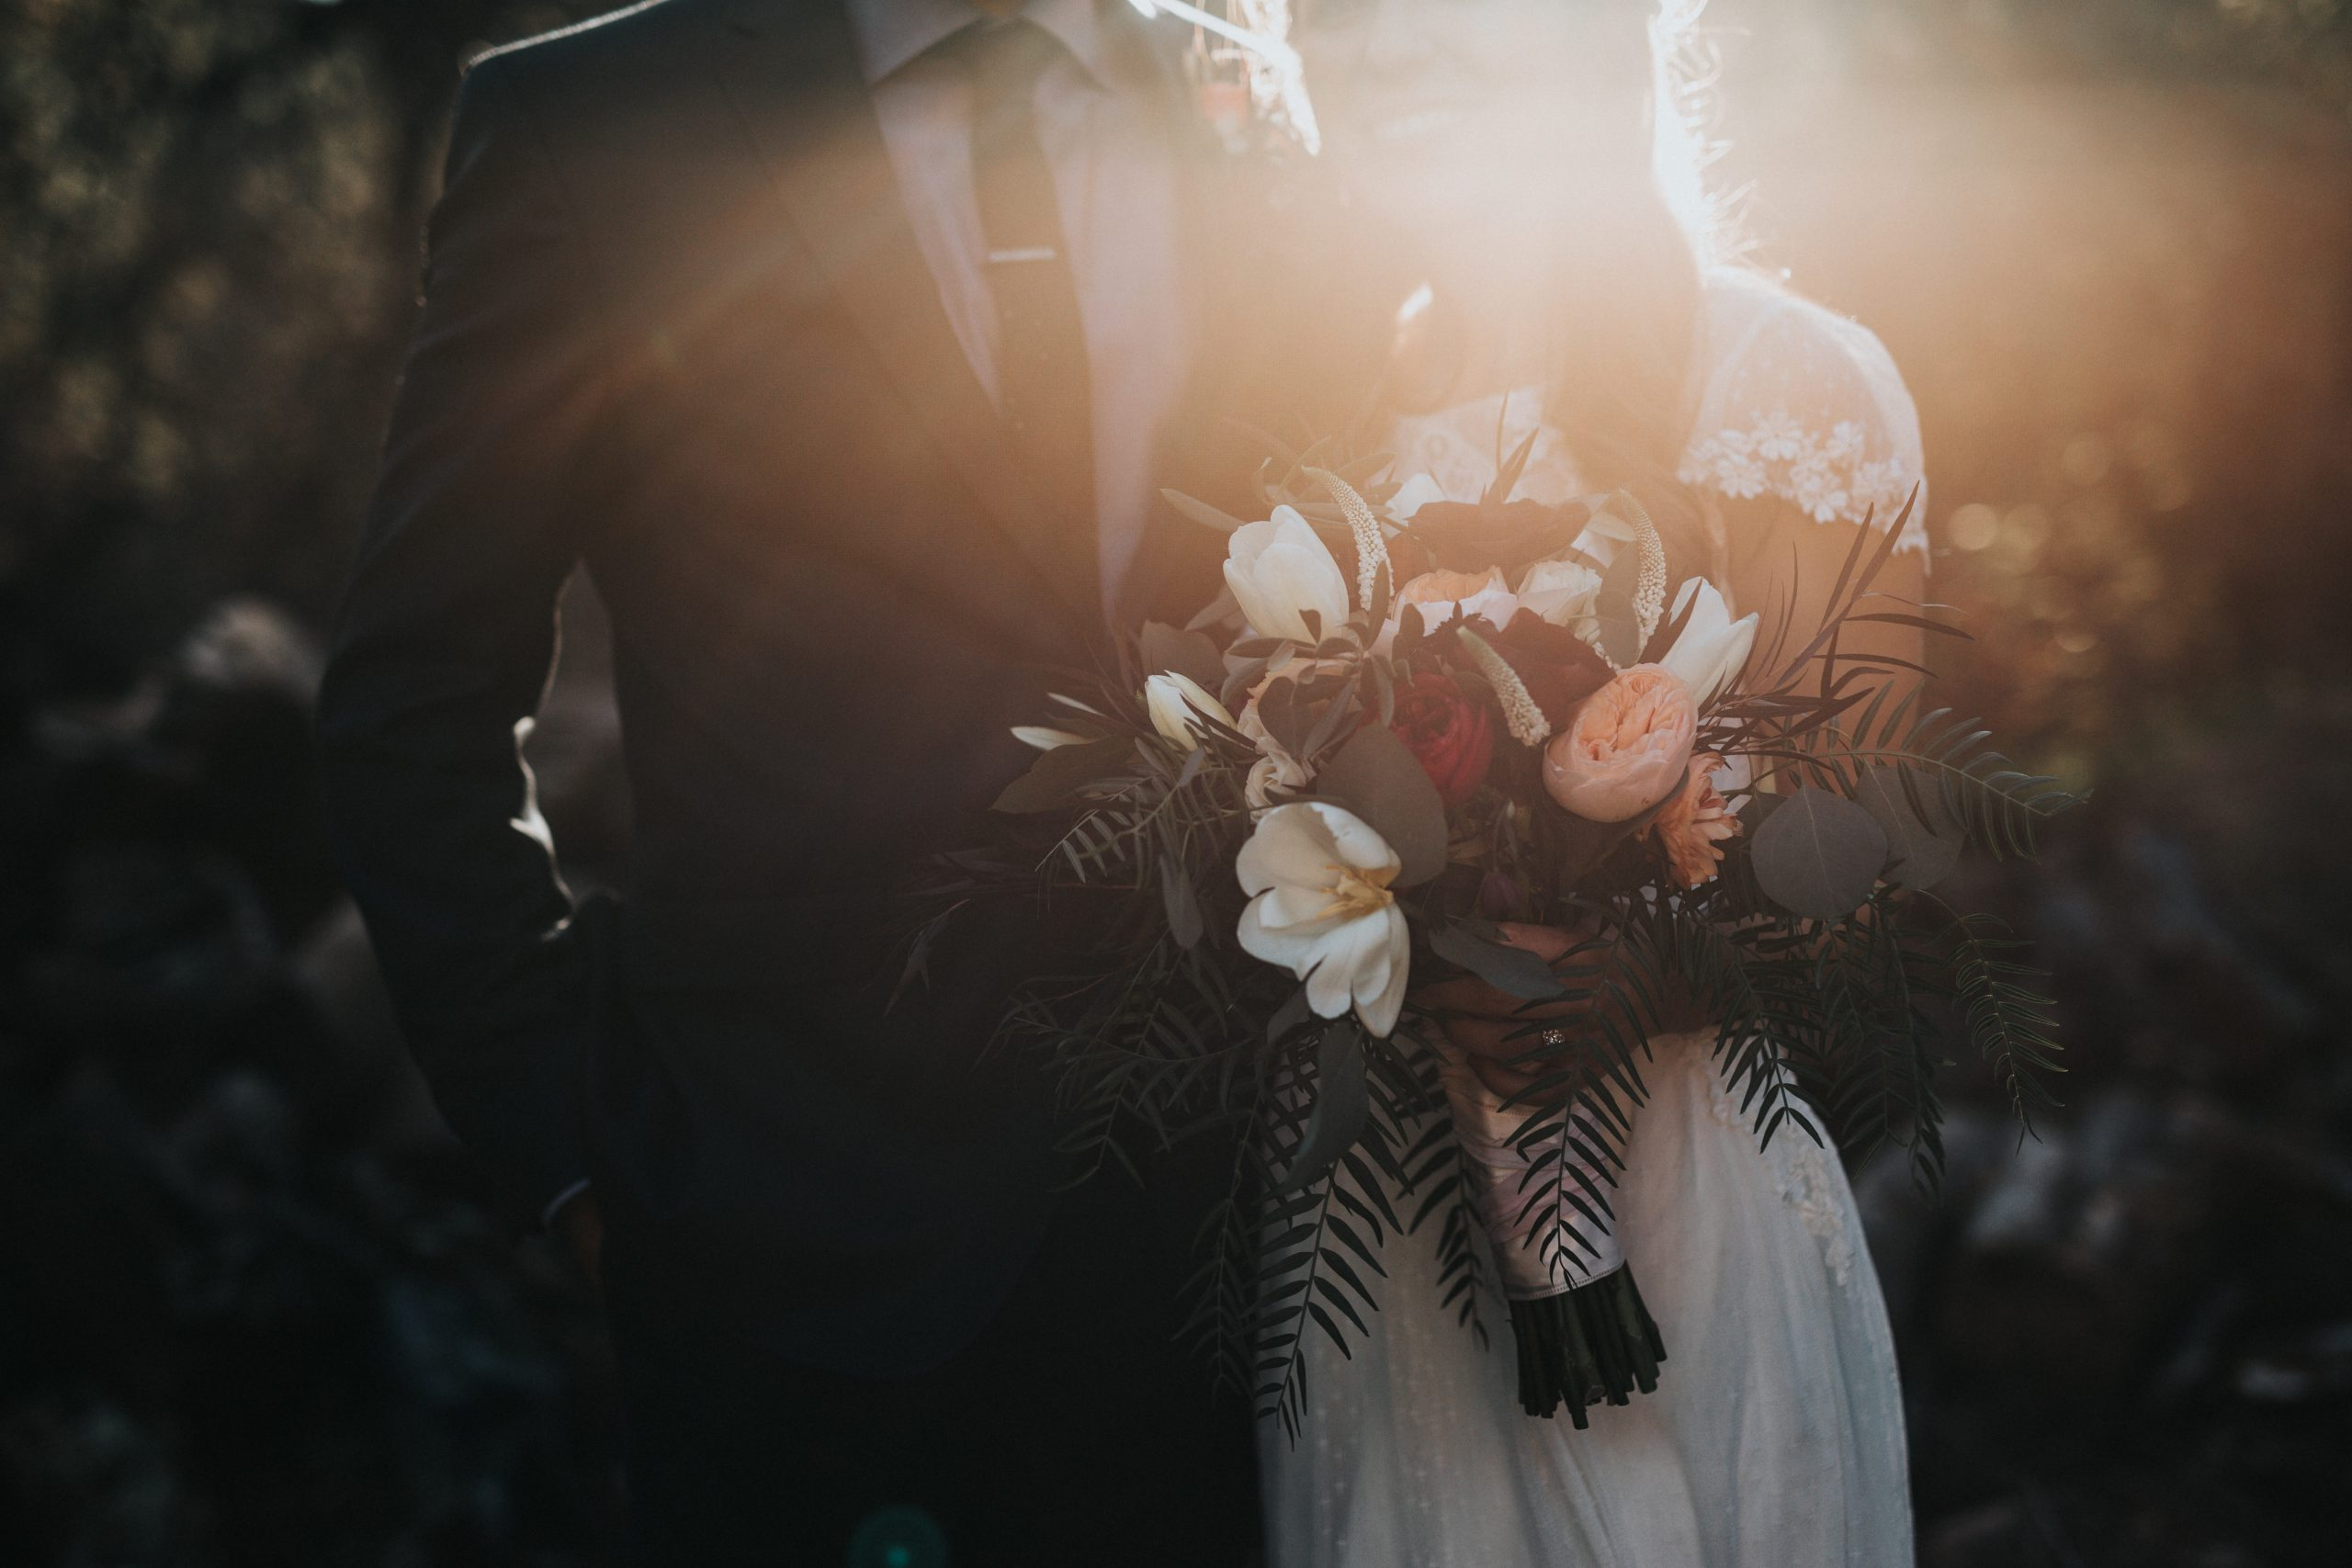 Vestuvės 2021-siais ir kokios tendencijos vyrauja?